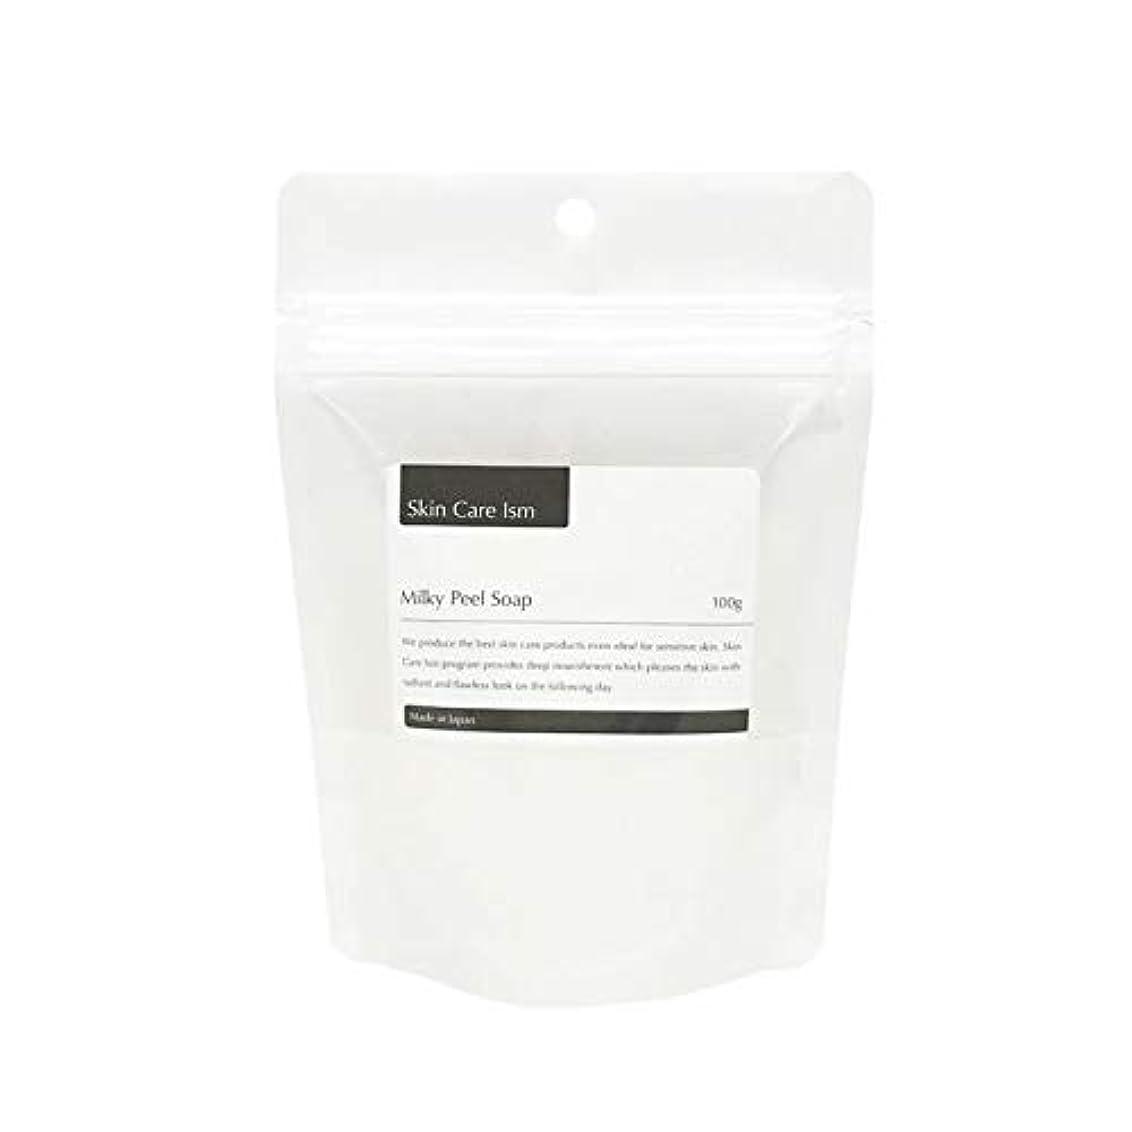 締め切りの中で推進、動かす【Skin Care Ism / Milky Peel Soap】スキンケアイズム?ミルキーピールソープ